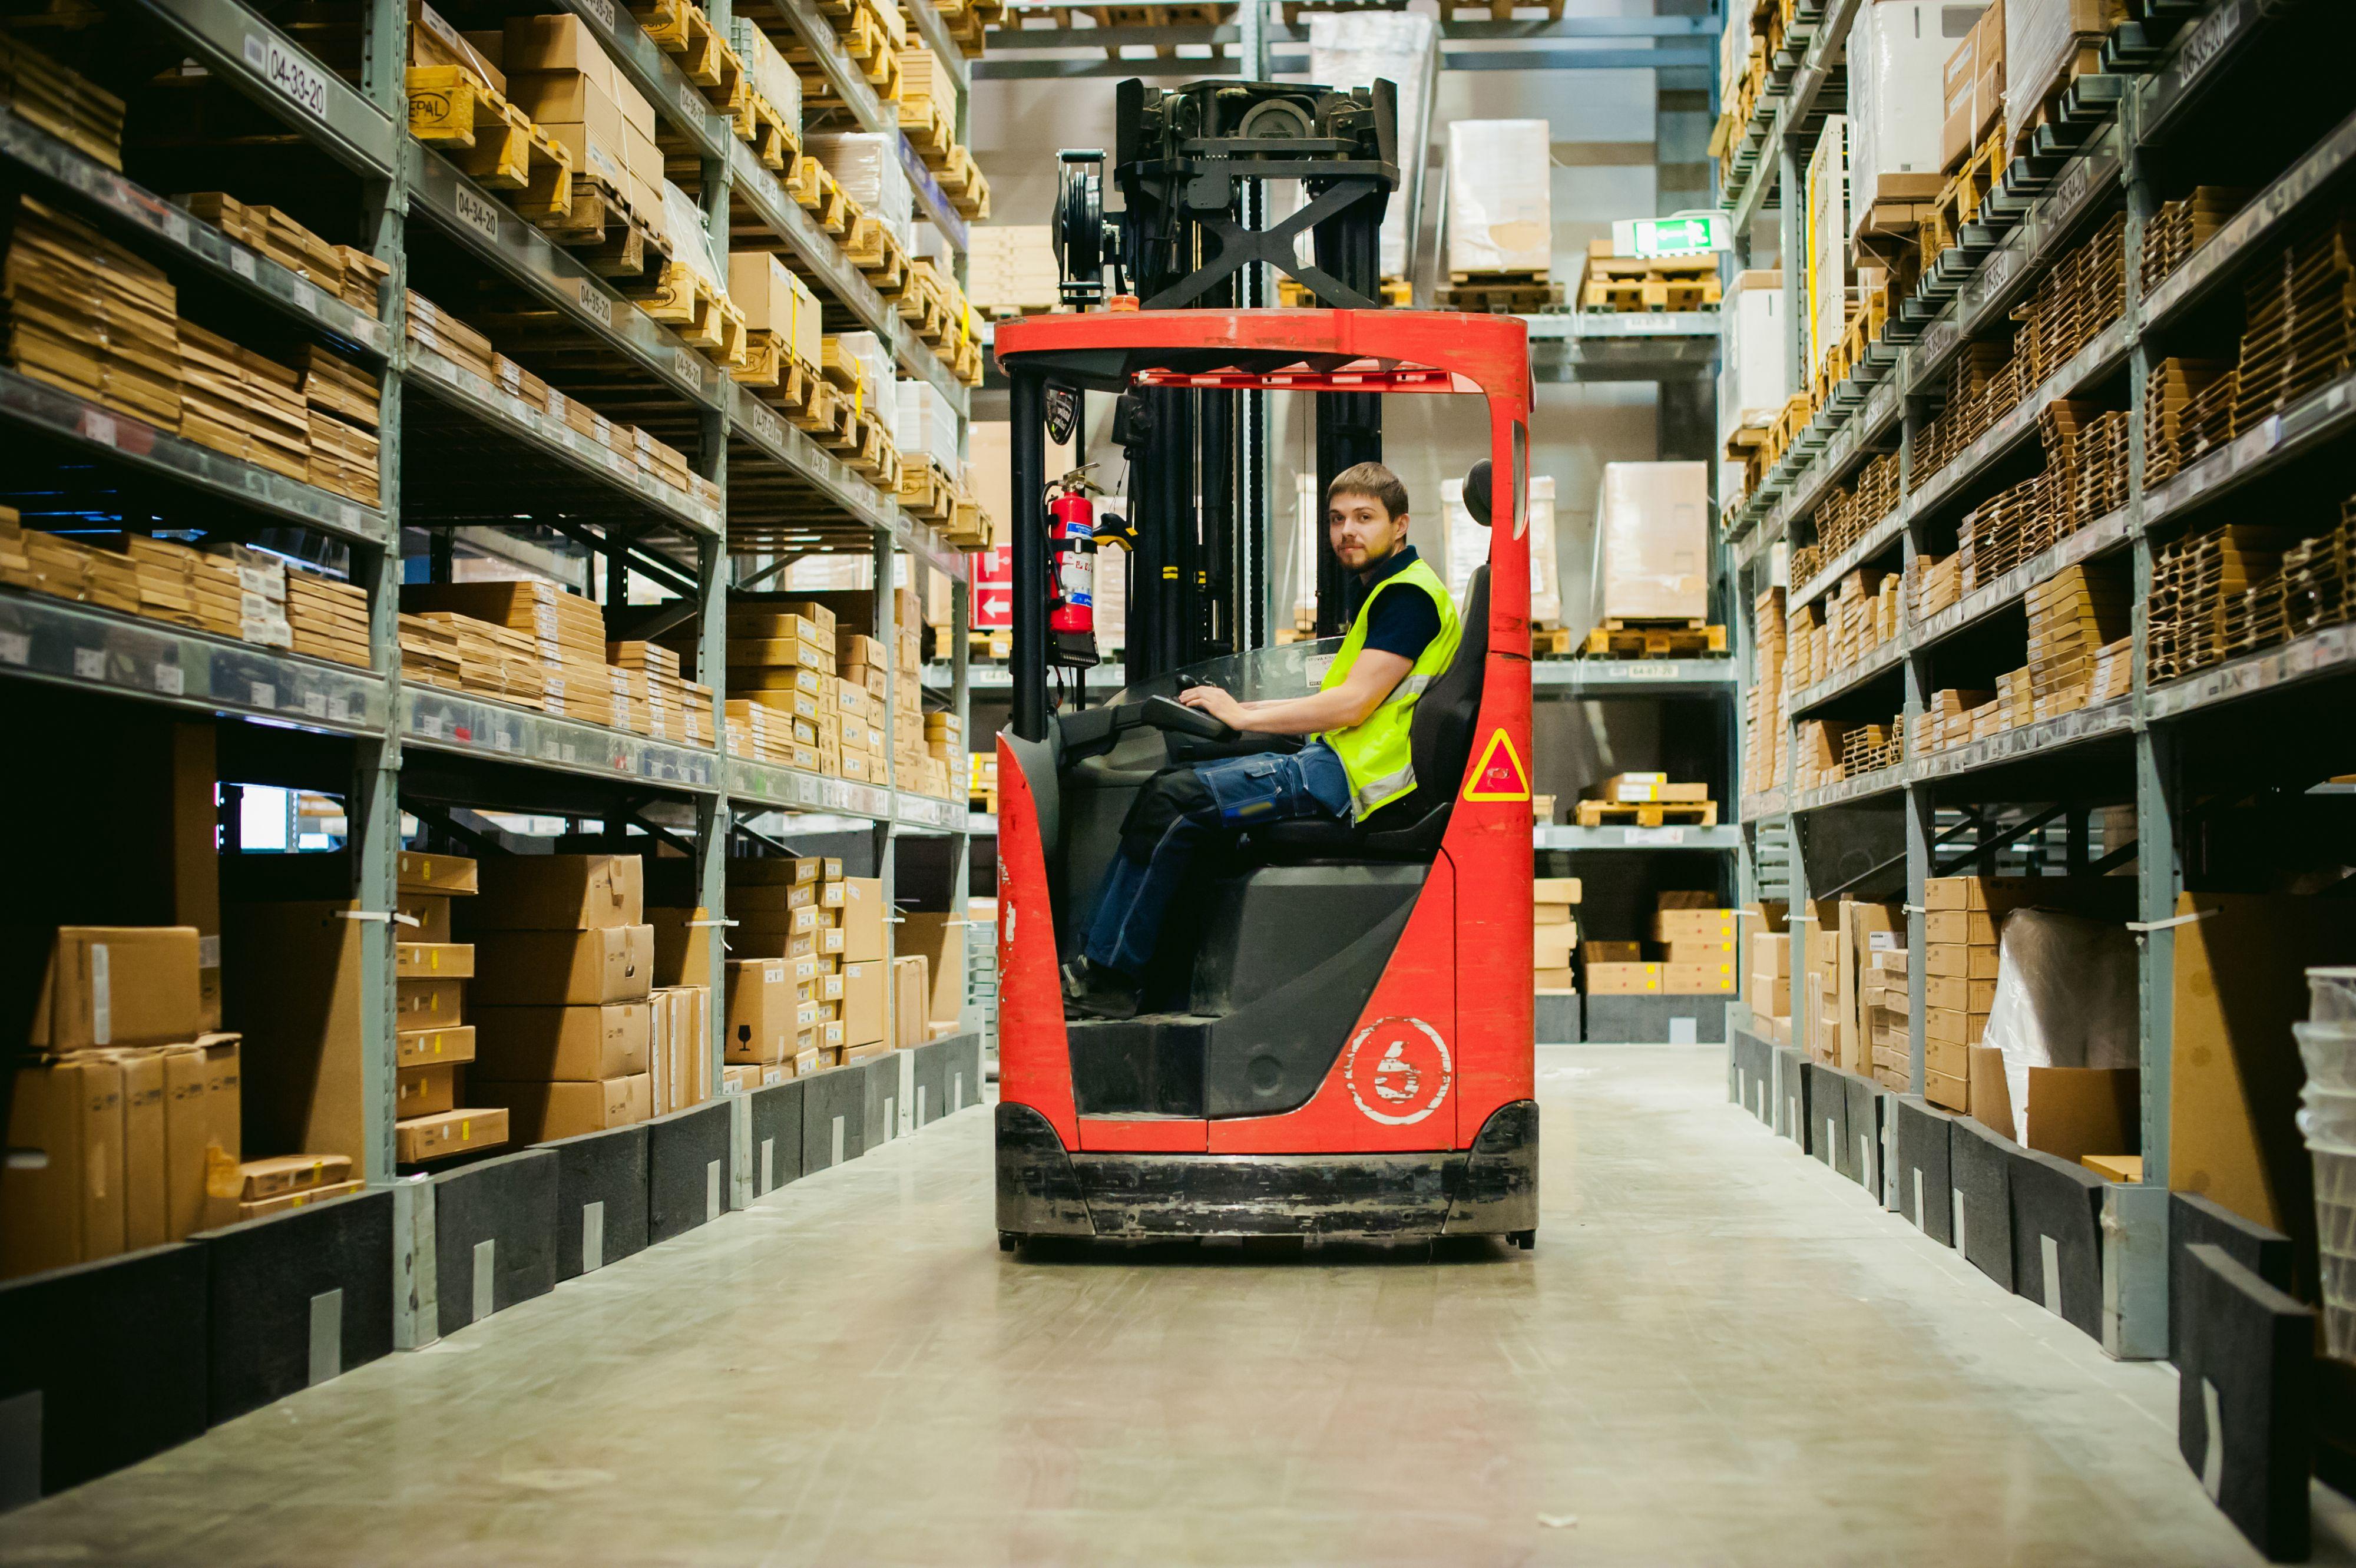 Każda z zapytanych branż - produkcyjna i handlowa oraz logistyczna oczekuje od technologii przede wszystkim zwiększenia wydajności operacji magazynowych. (Fot. Shutterstock)